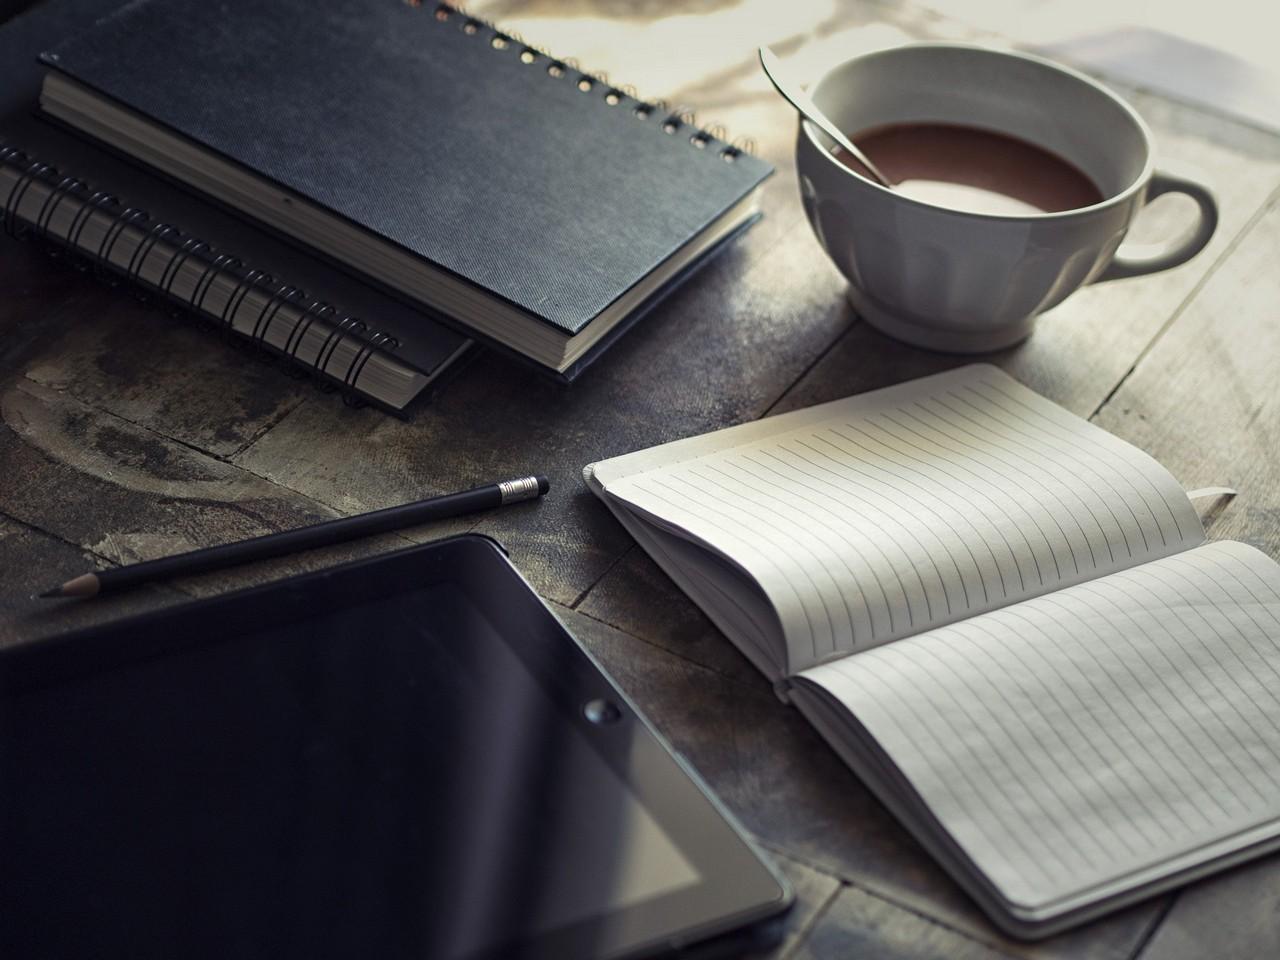 Come presentare un manoscritto al giusto editore? – La prima impressione